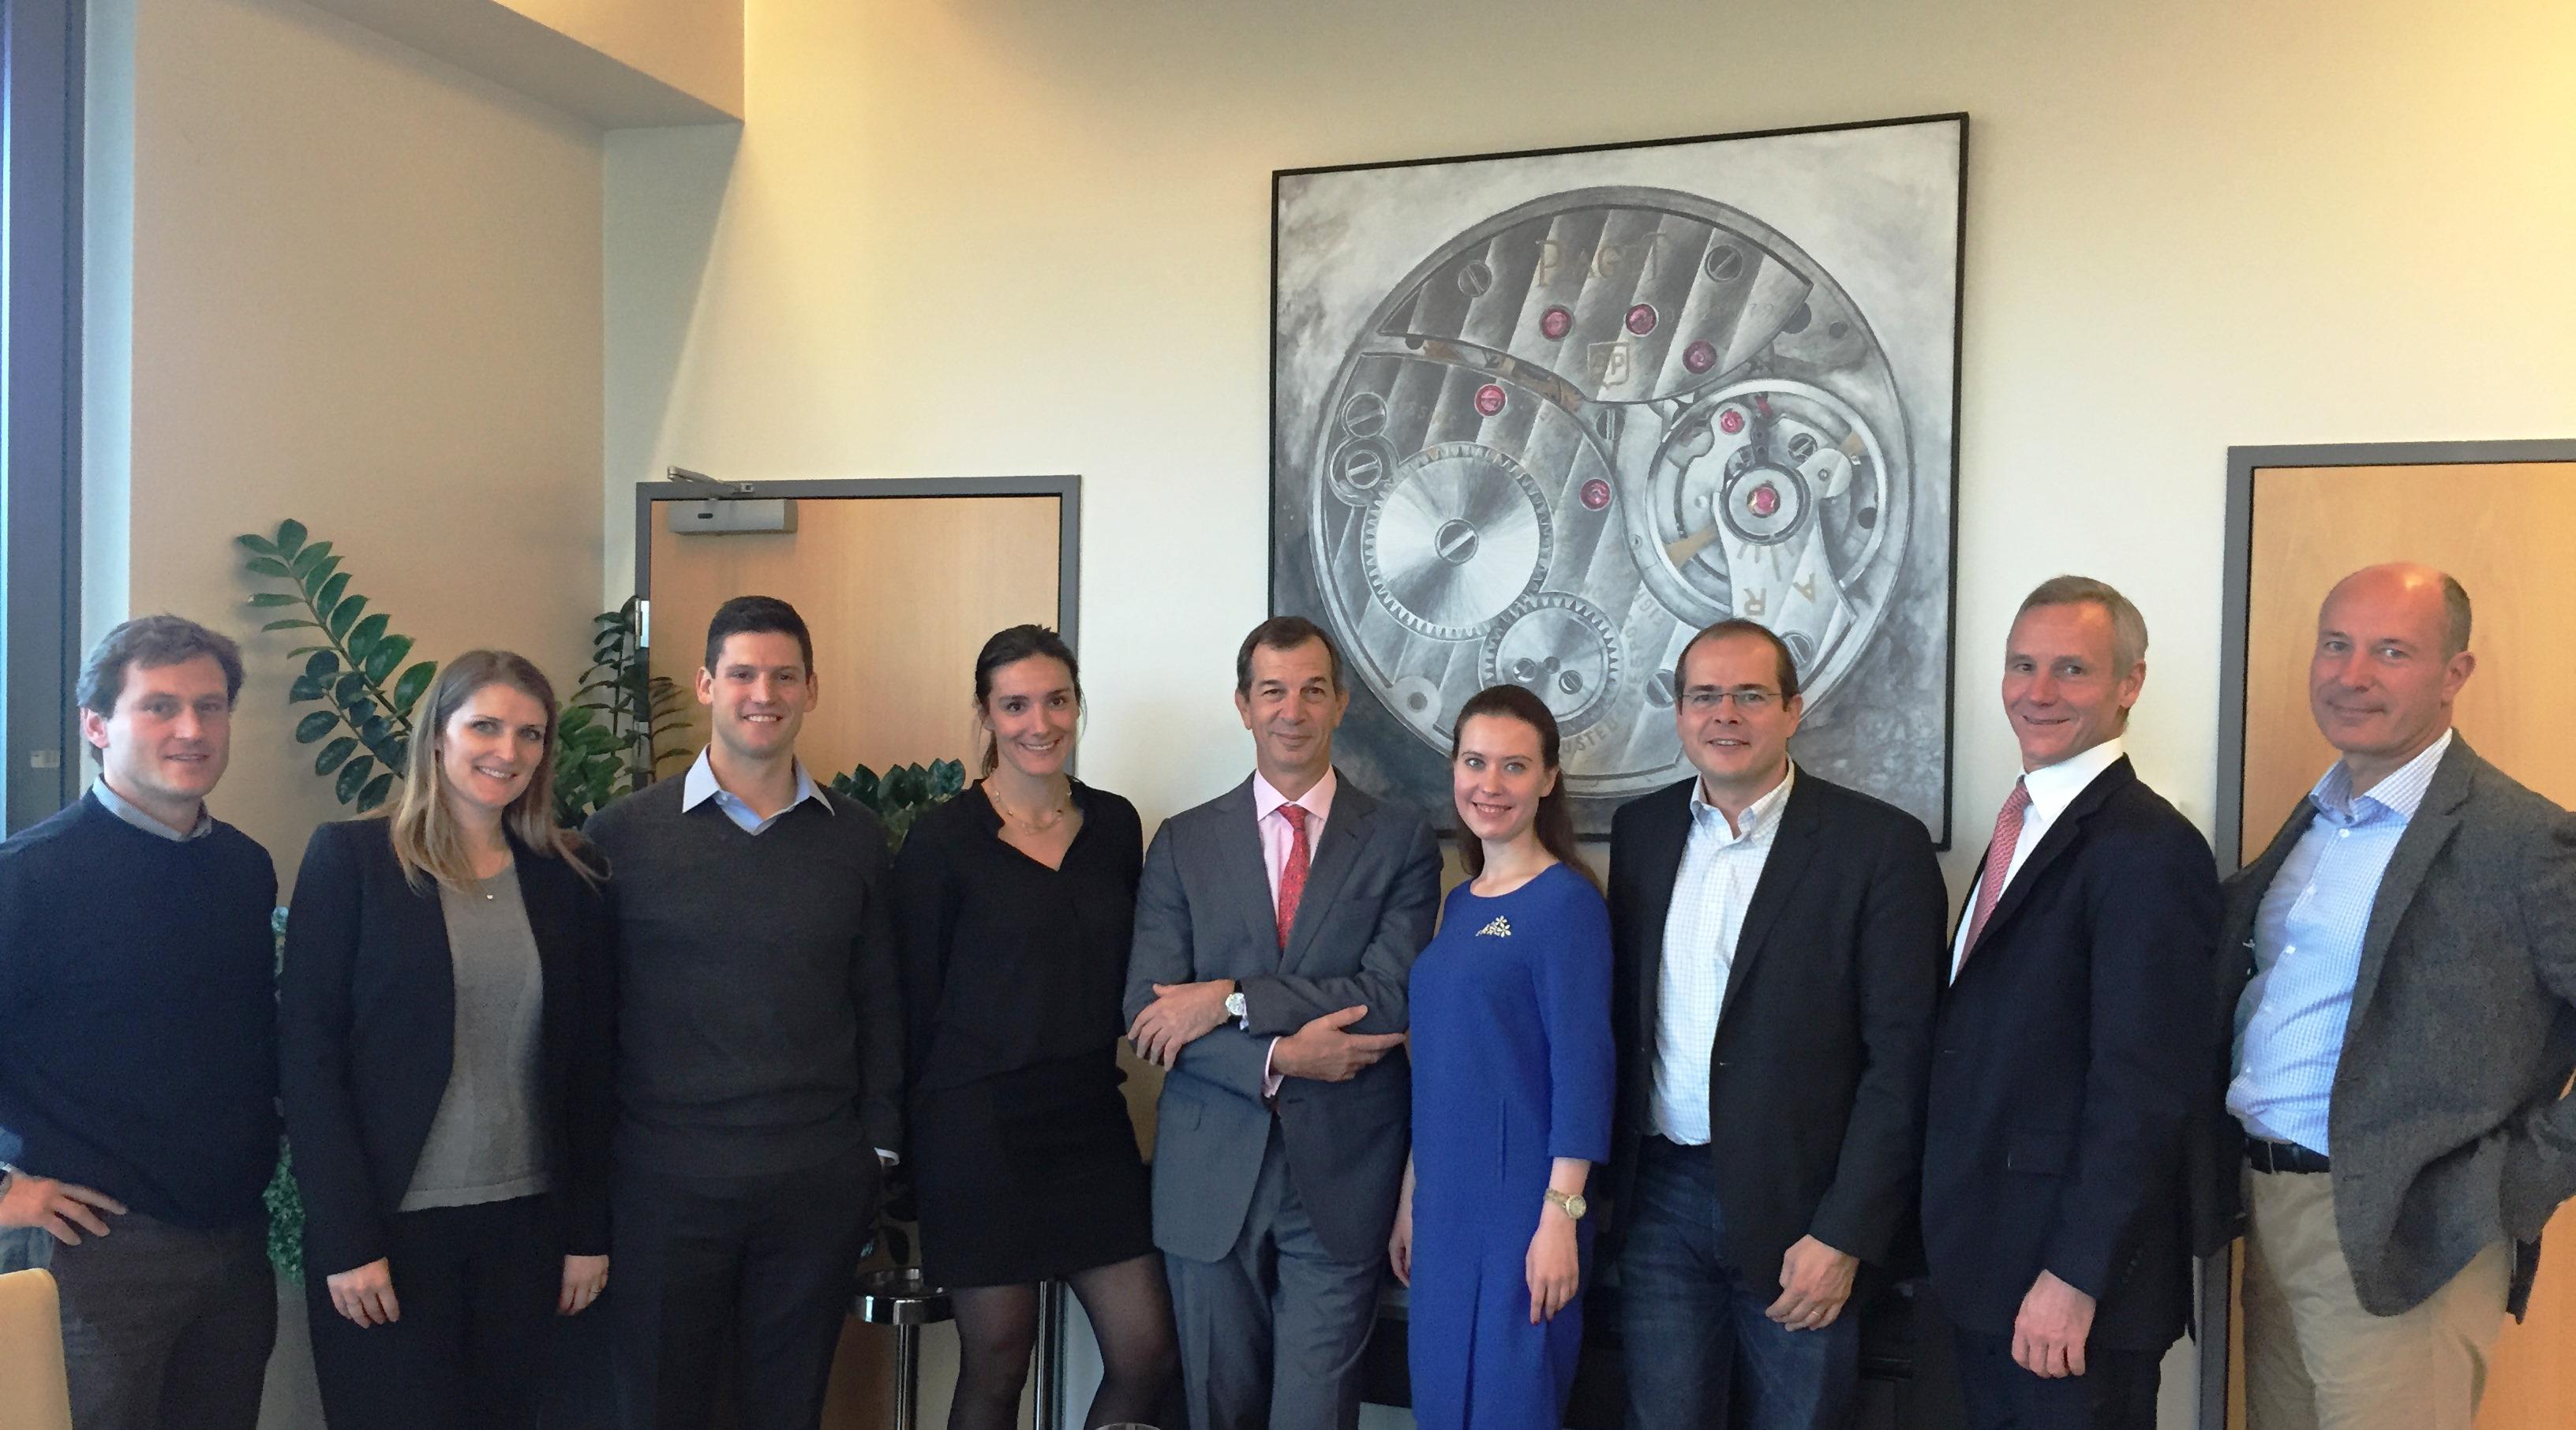 Piaget Visit Nov 2015.jpg